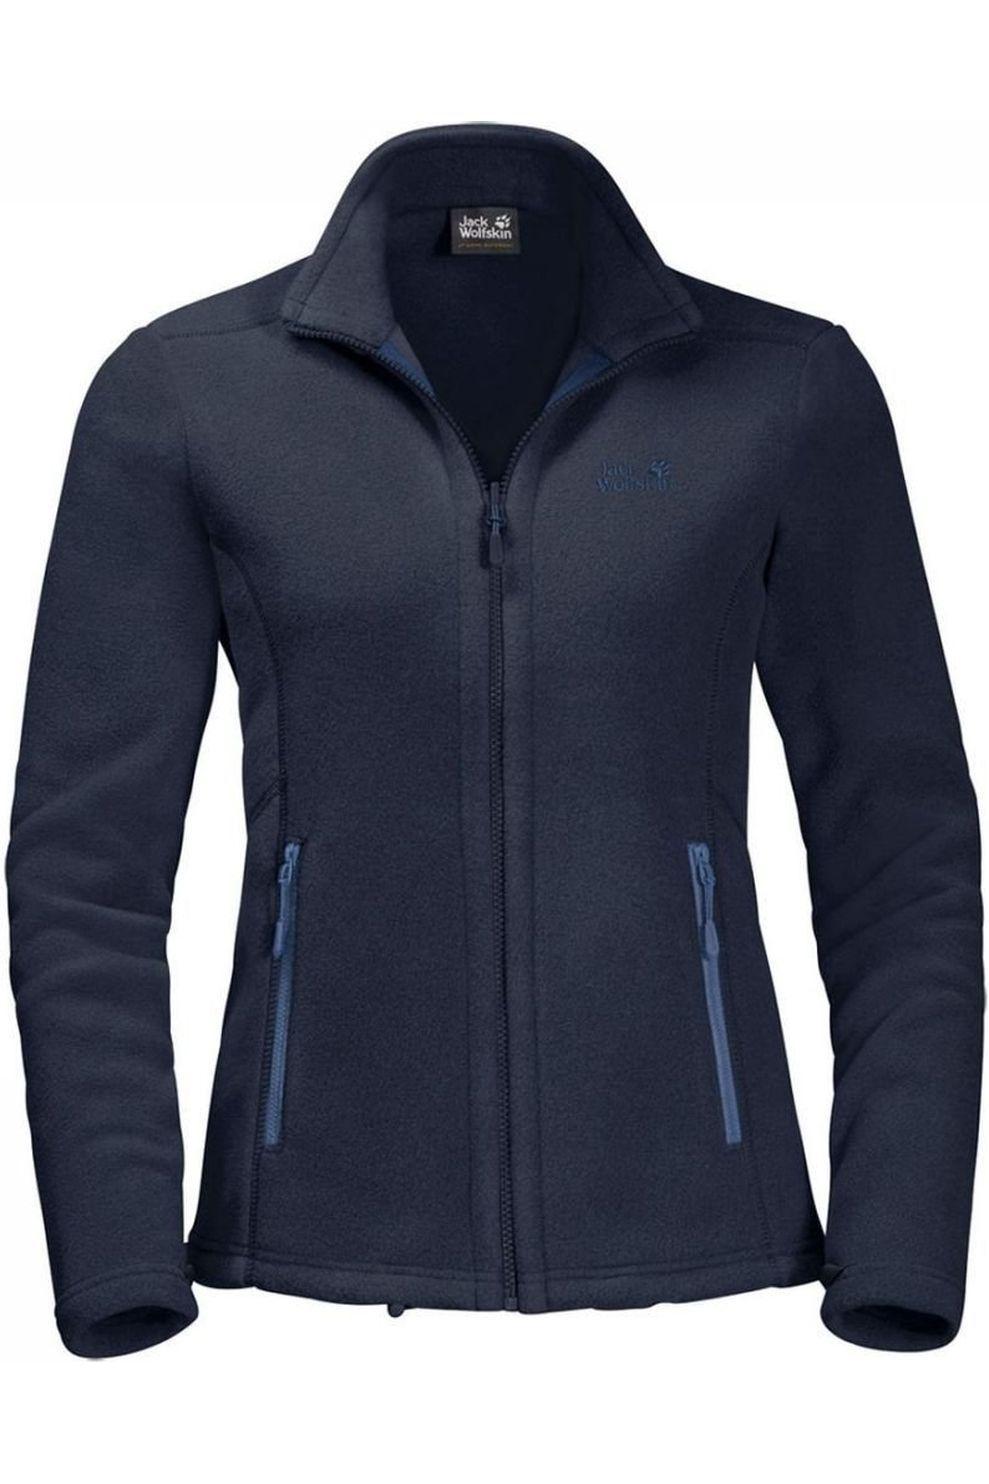 Jack Wolfskin Fleece Moonrise Eco voor dames Blauw Maten: S, M, L, XL, XXL